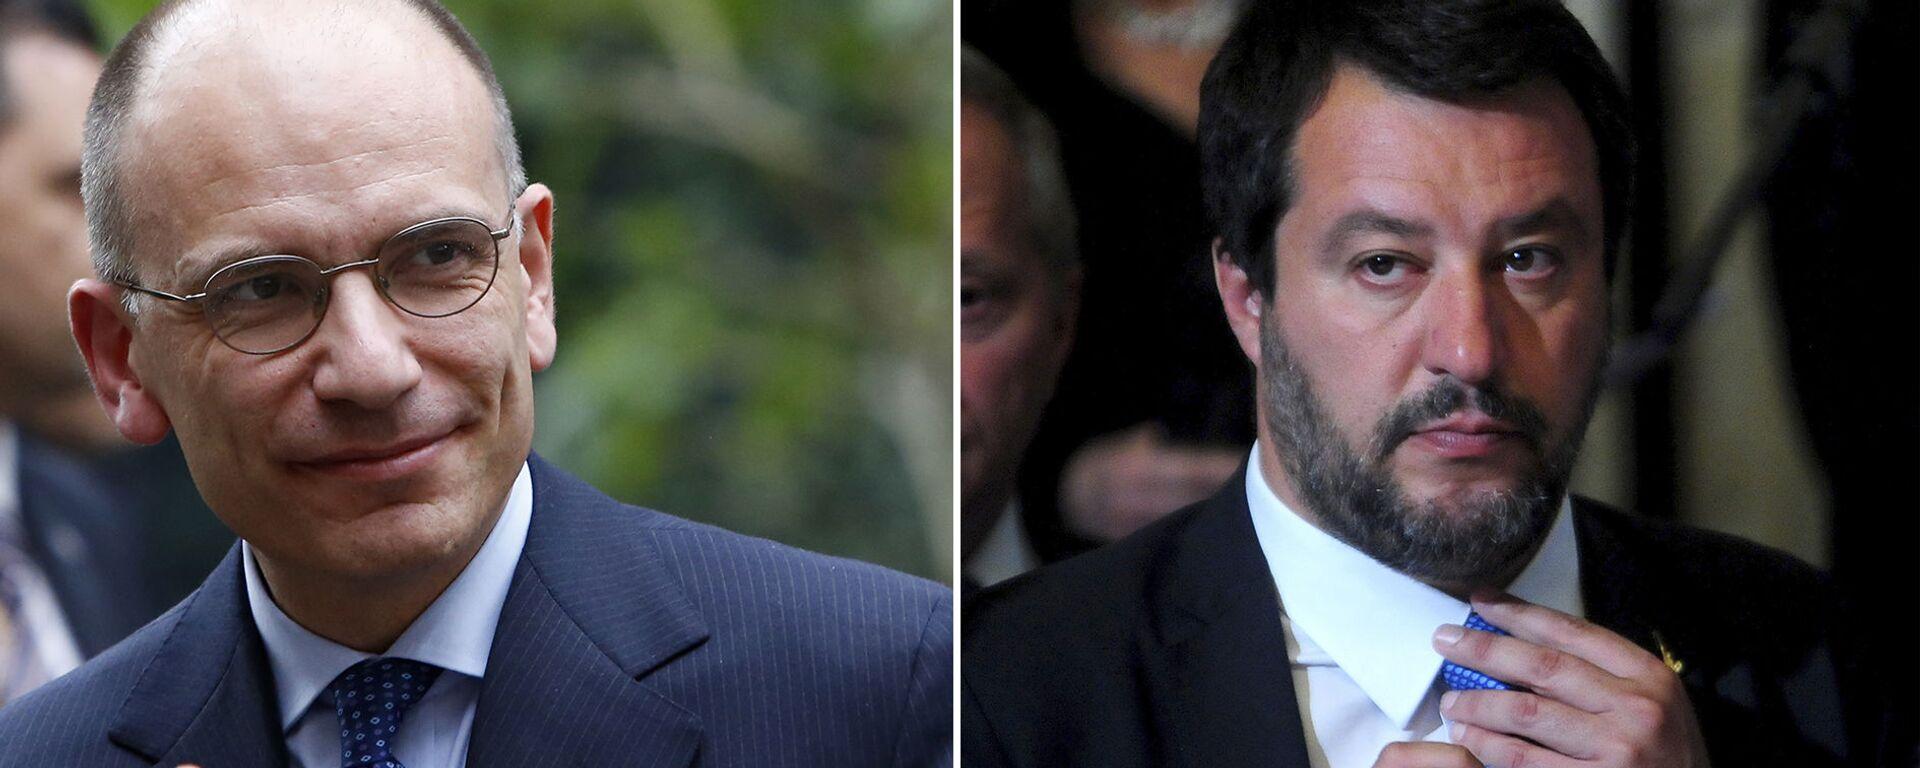 Il leader del PD, Enrico Letta e il segretario leghista Matteo Salvini - Sputnik Italia, 1920, 03.07.2021